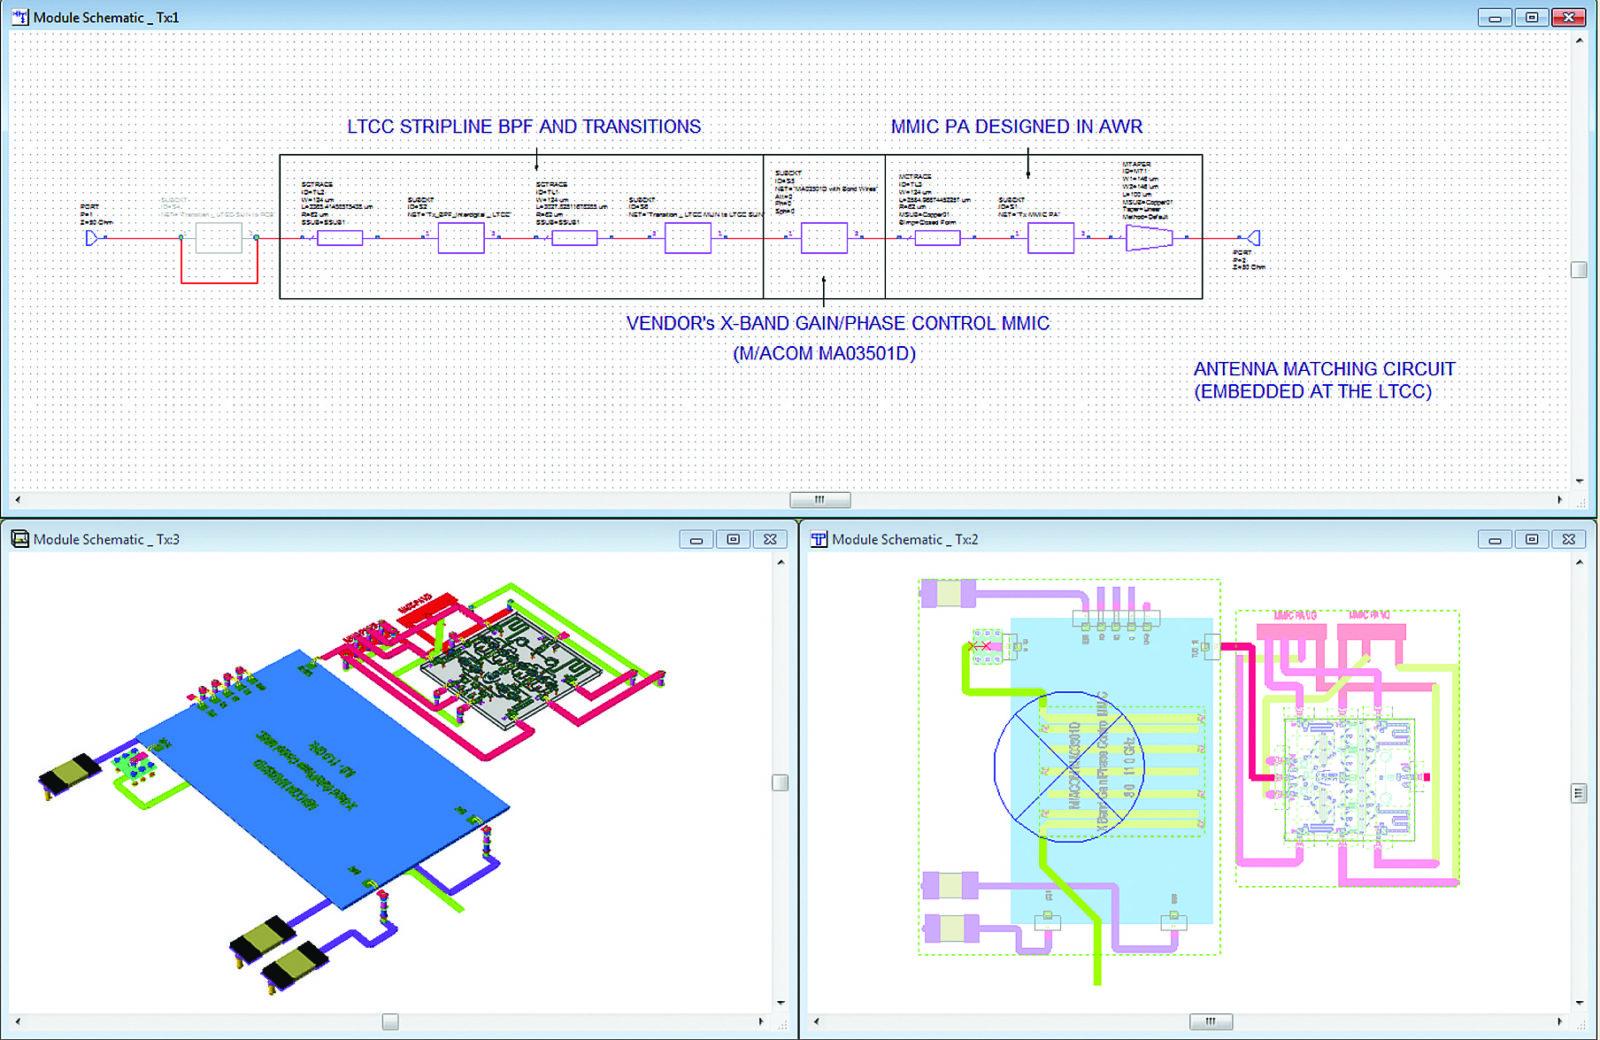 Схема и 2D-/3D-виды топологии части модуля